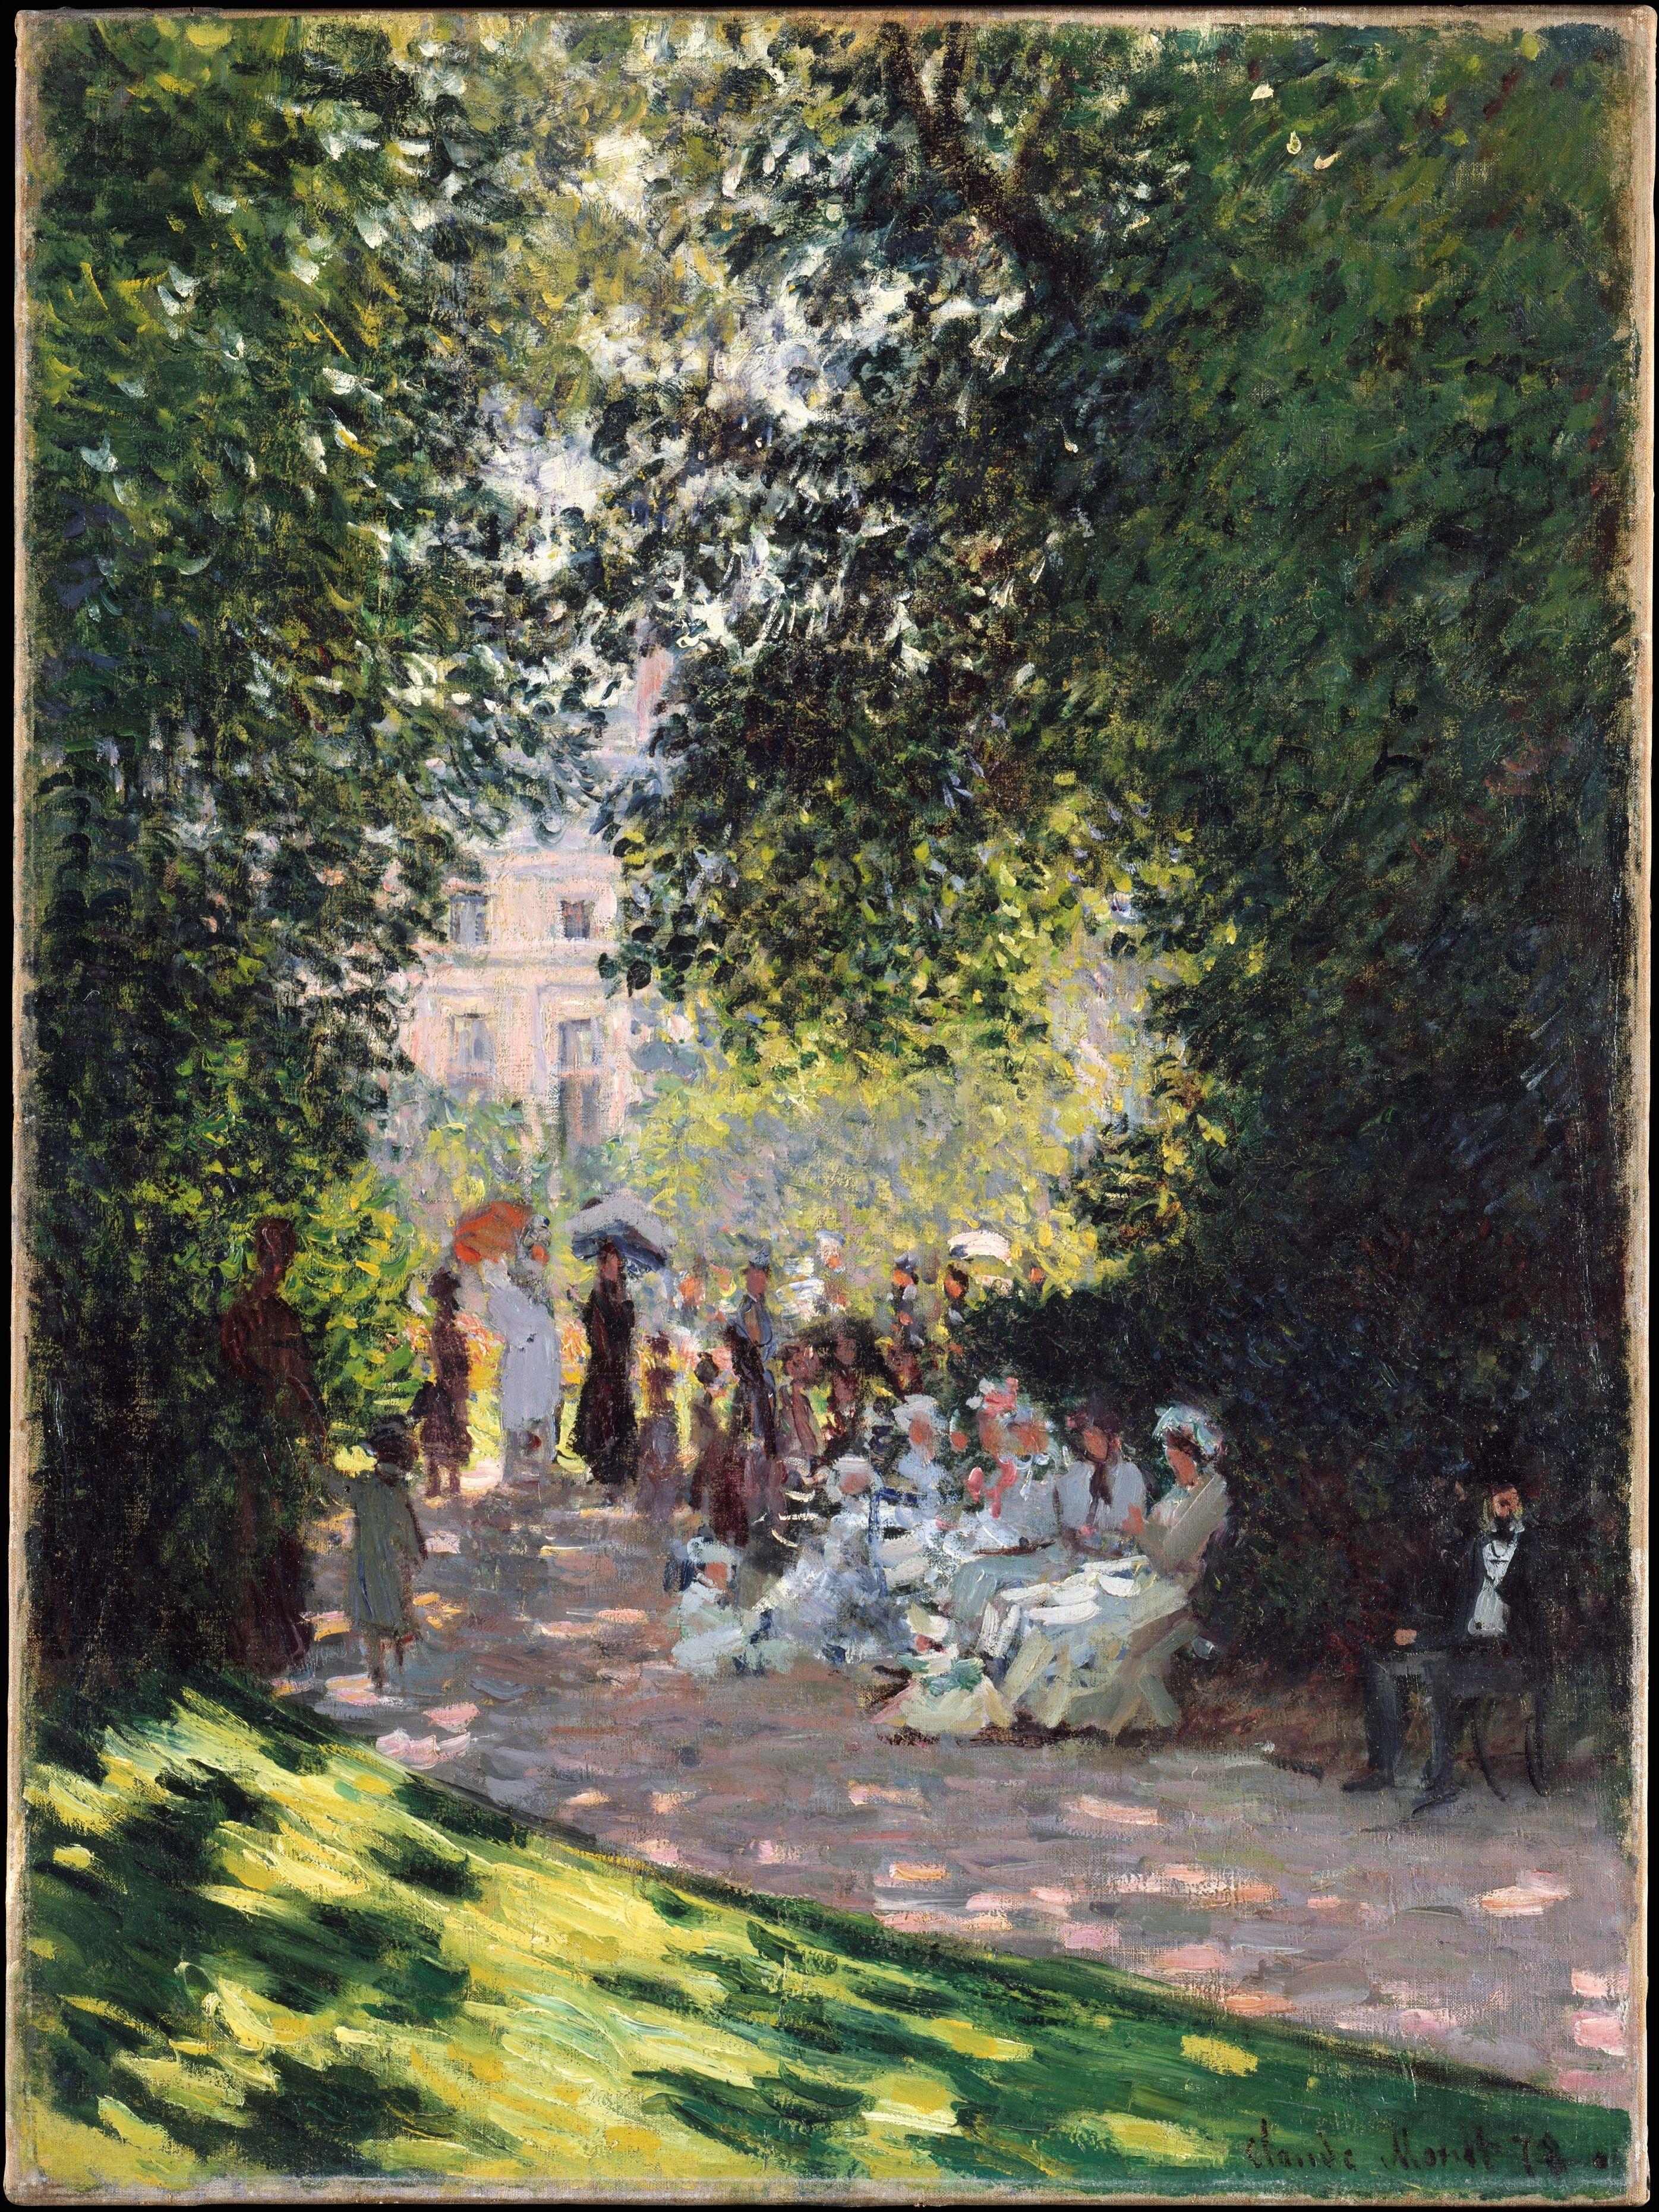 The Parc Monceau 1878 Claude Monet Oil On Canvas 28 X 21 In